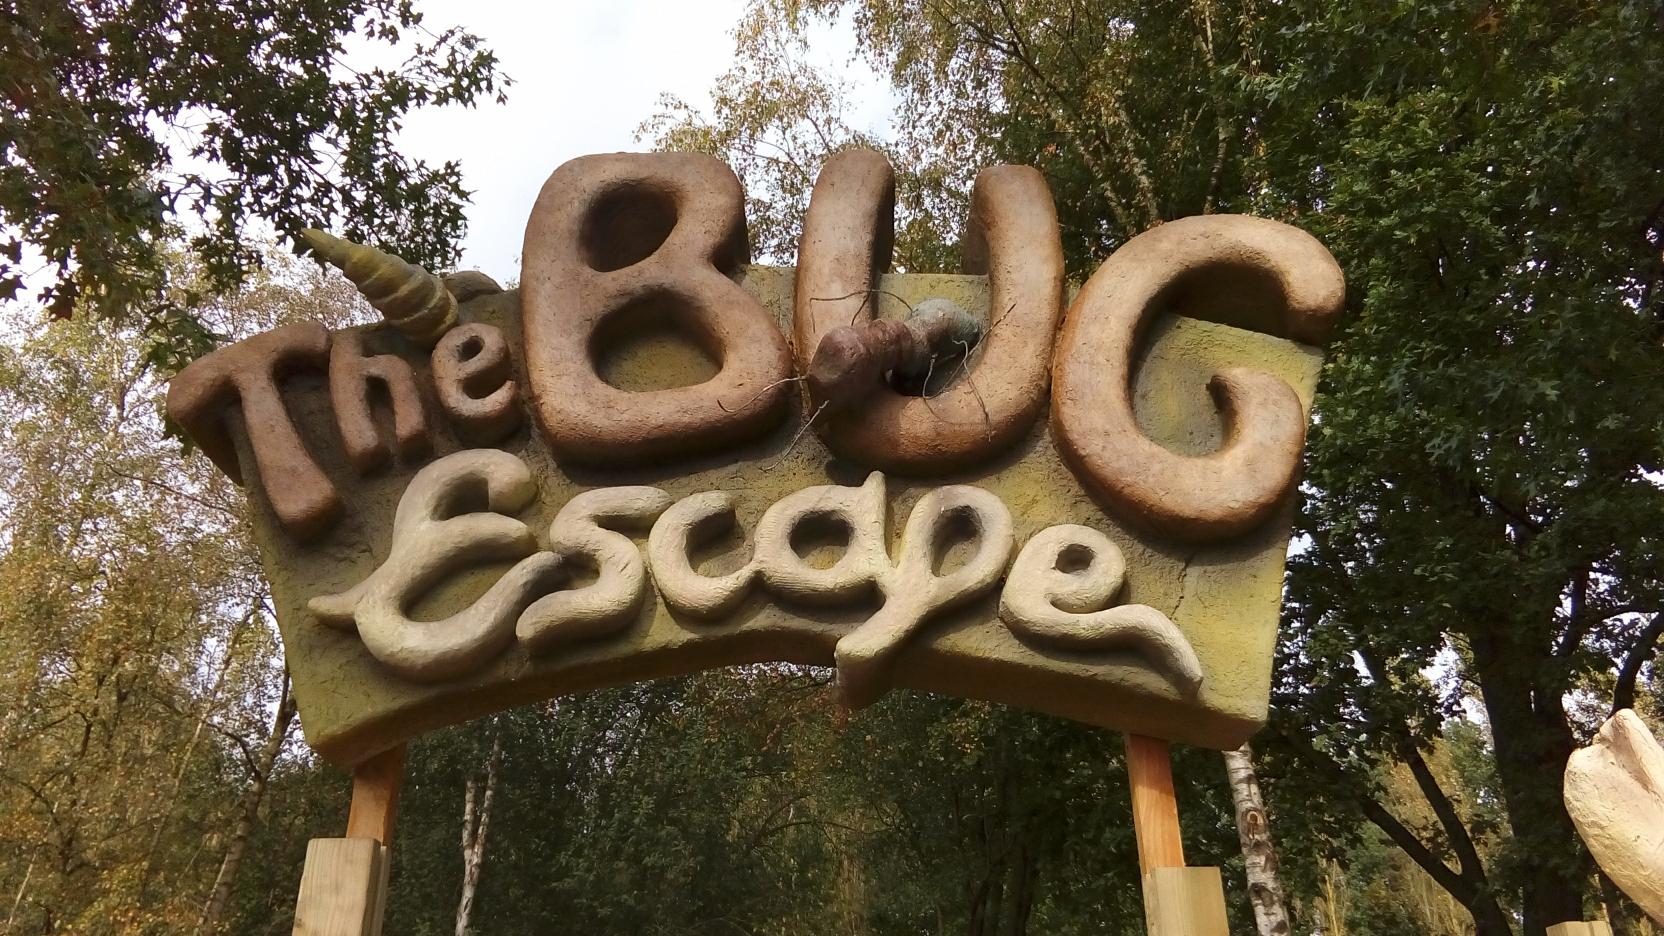 the Bug Escape